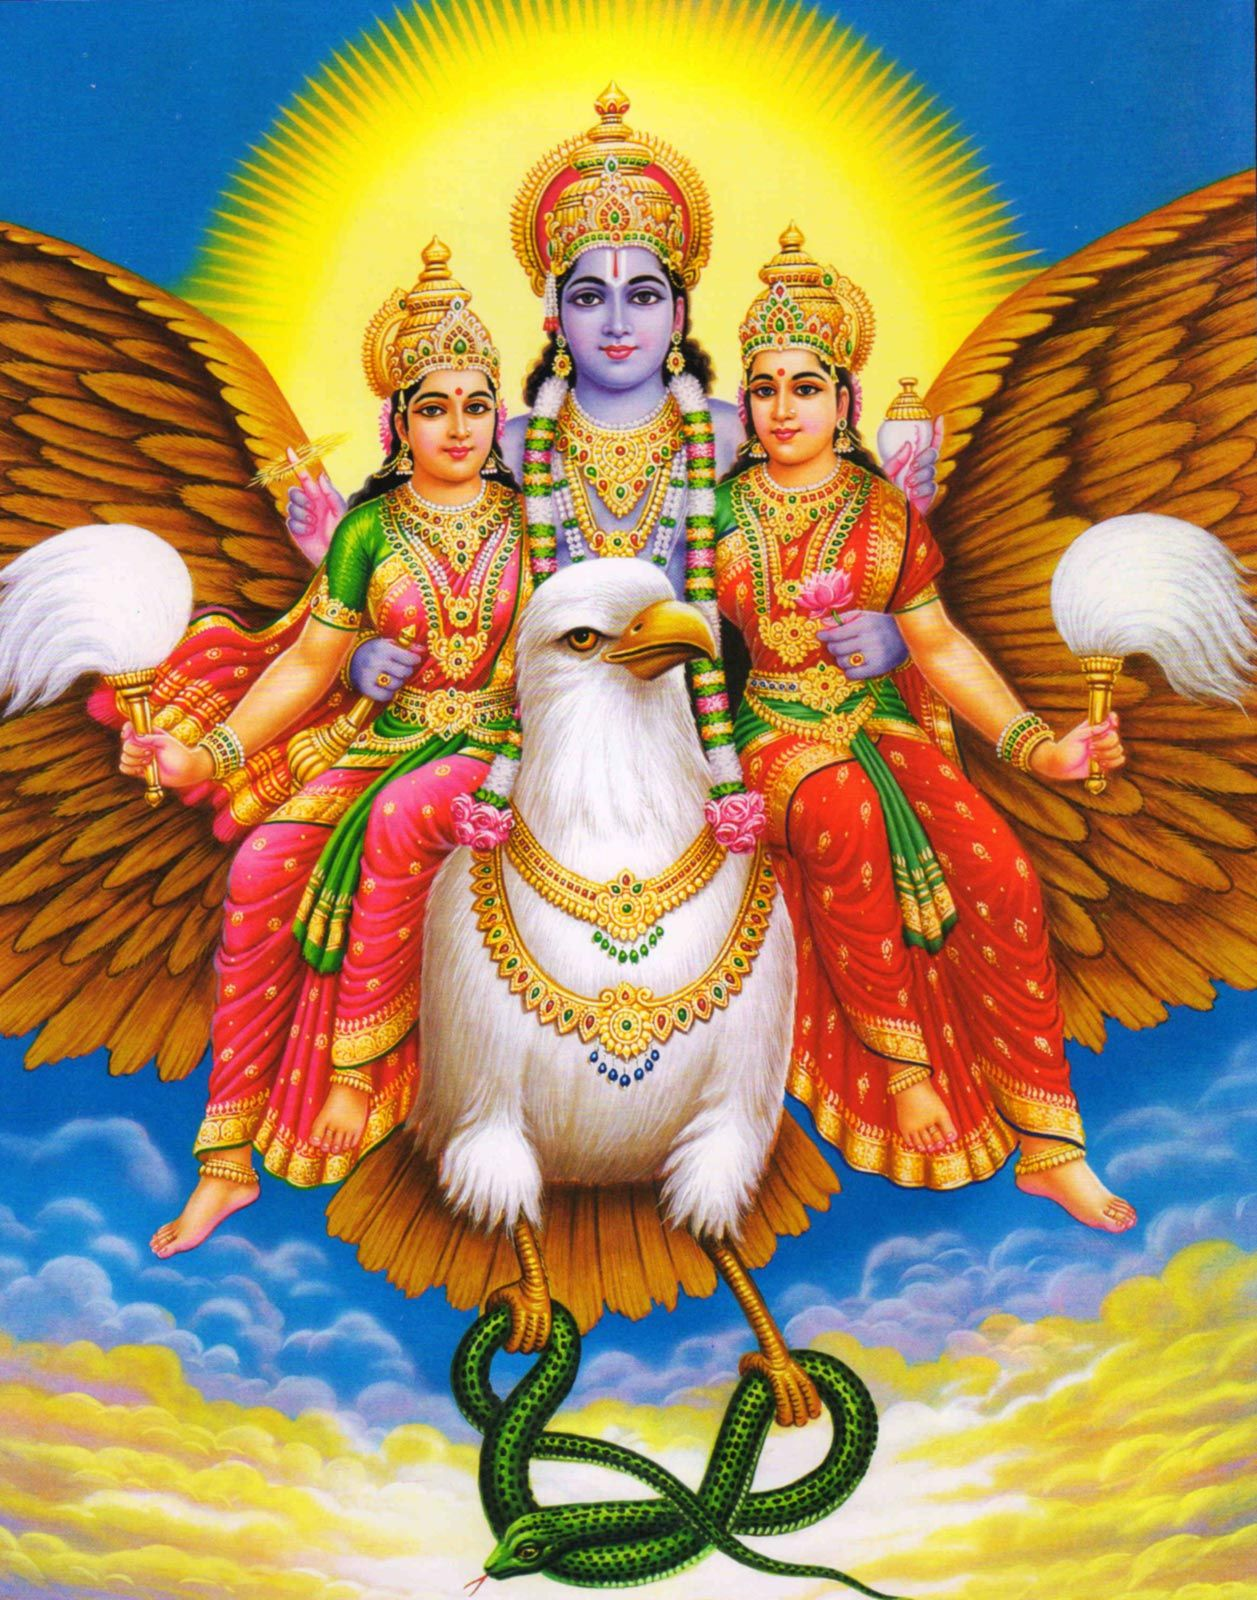 Lord Vishnu Pic God Vishnu Photo God Vishnu Hd Photo God Lord